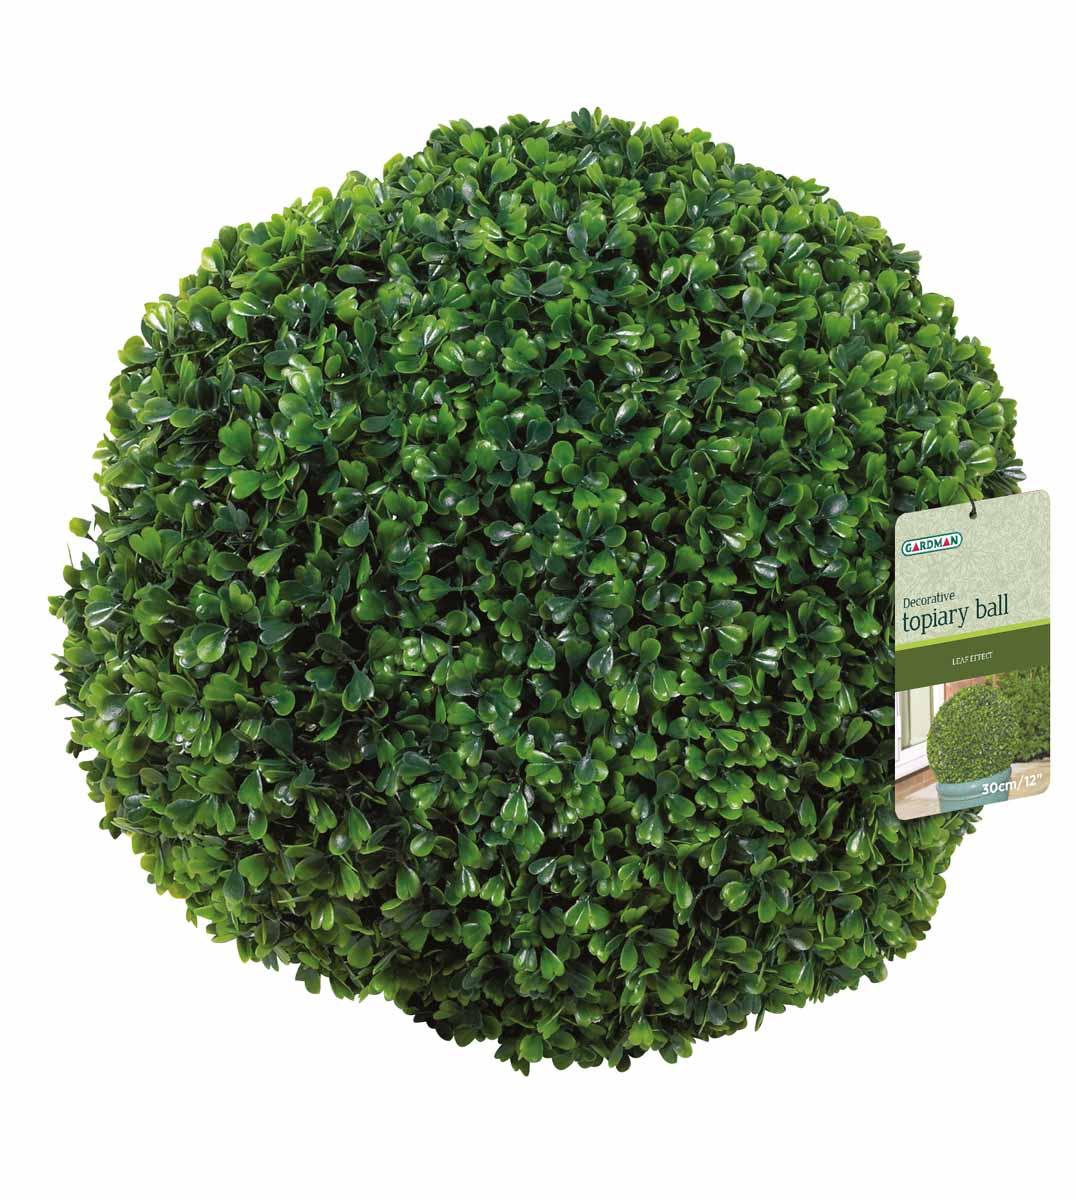 Искусственное растение Gardman Topiary Ball. Самшит, цвет: зеленый, диаметр 30 см02802Искусственное растение Gardman Topiary Ball выполнено из пластика в виде шара. Листья растения зеленого цвета имитируют самшит. К растению прикреплены три цепочки с крючком, за который его можно повесить в любое место. Также растение можно поместить в горшок. Растение устойчиво к воздействиям внешней среды, таким как влажность, солнце, перепады температуры, не выцветает со временем. Искусственное растение Gardman Topiary Ball великолепно украсит интерьер офиса, дома или сада.